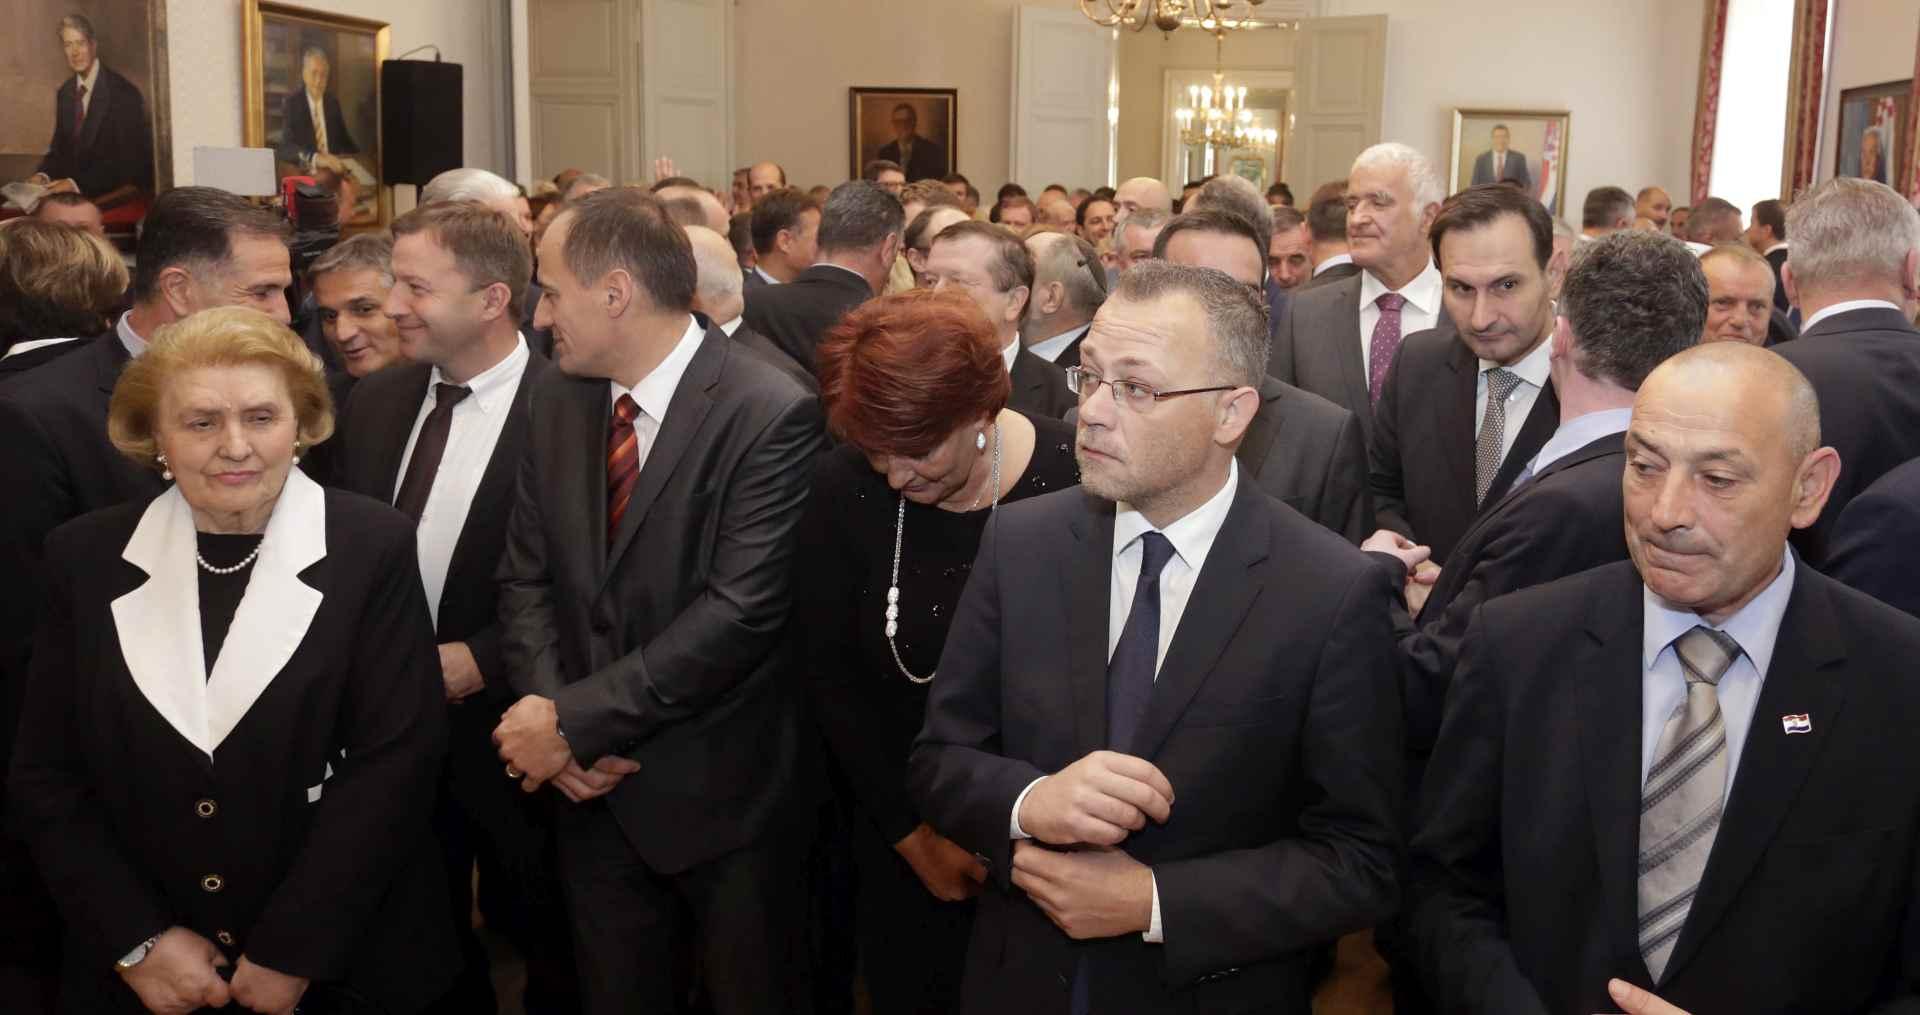 HRVATSKI POLITIČARI: Nužno je ostvariti gospodarski boljitak